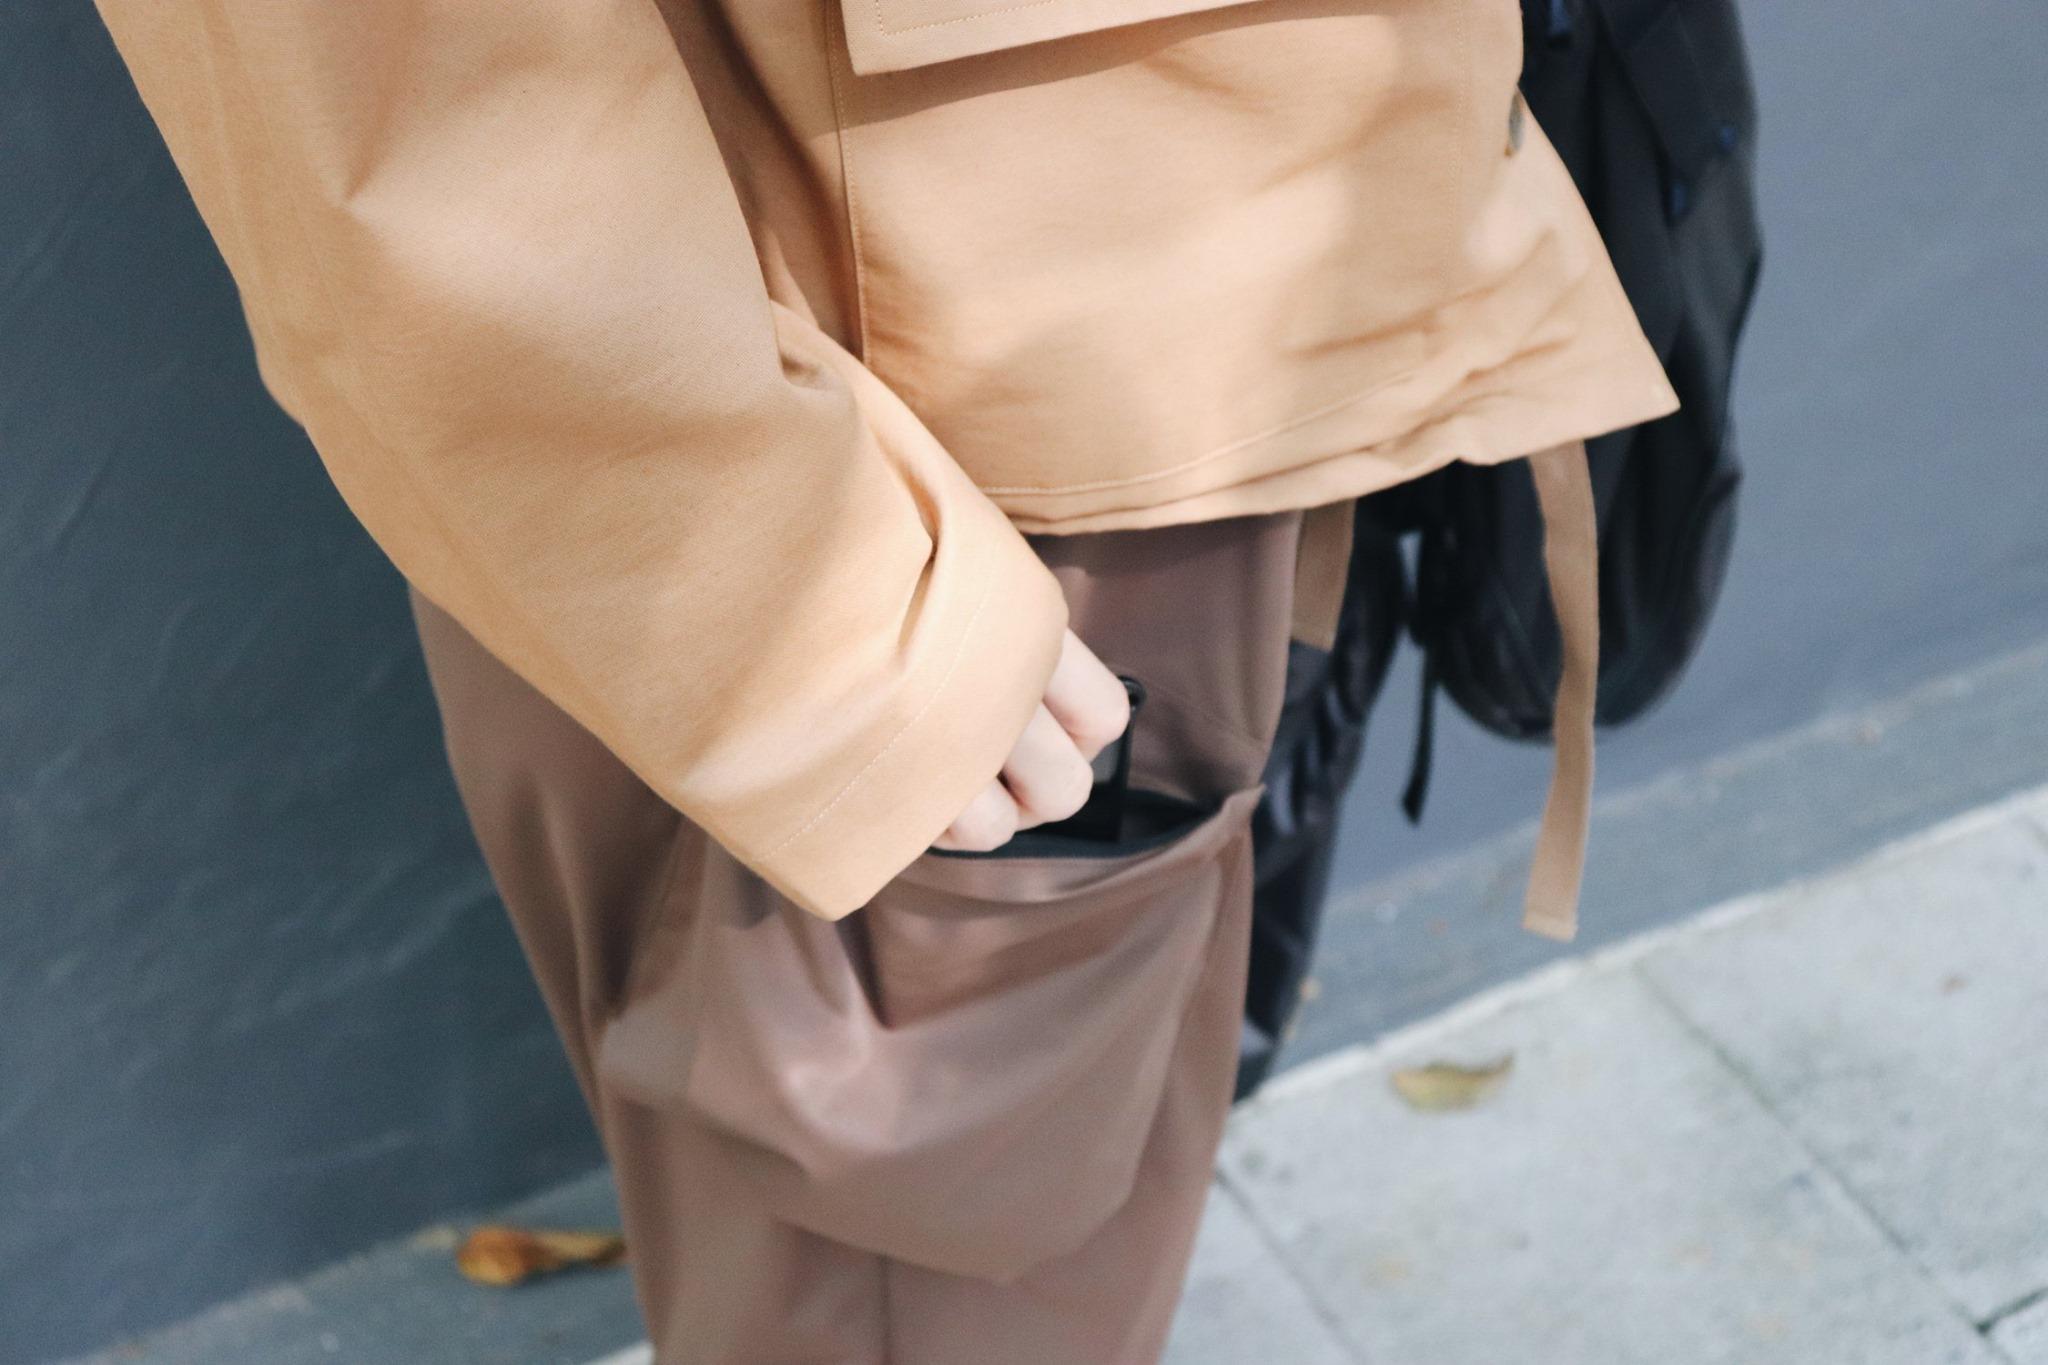 門市穿搭,穿搭,plain-me,男裝女穿,一週搭配,搭配名人,阿潔,女生搭配,街頭搭配,女穿搭,女生穿搭,阿潔 一週穿搭